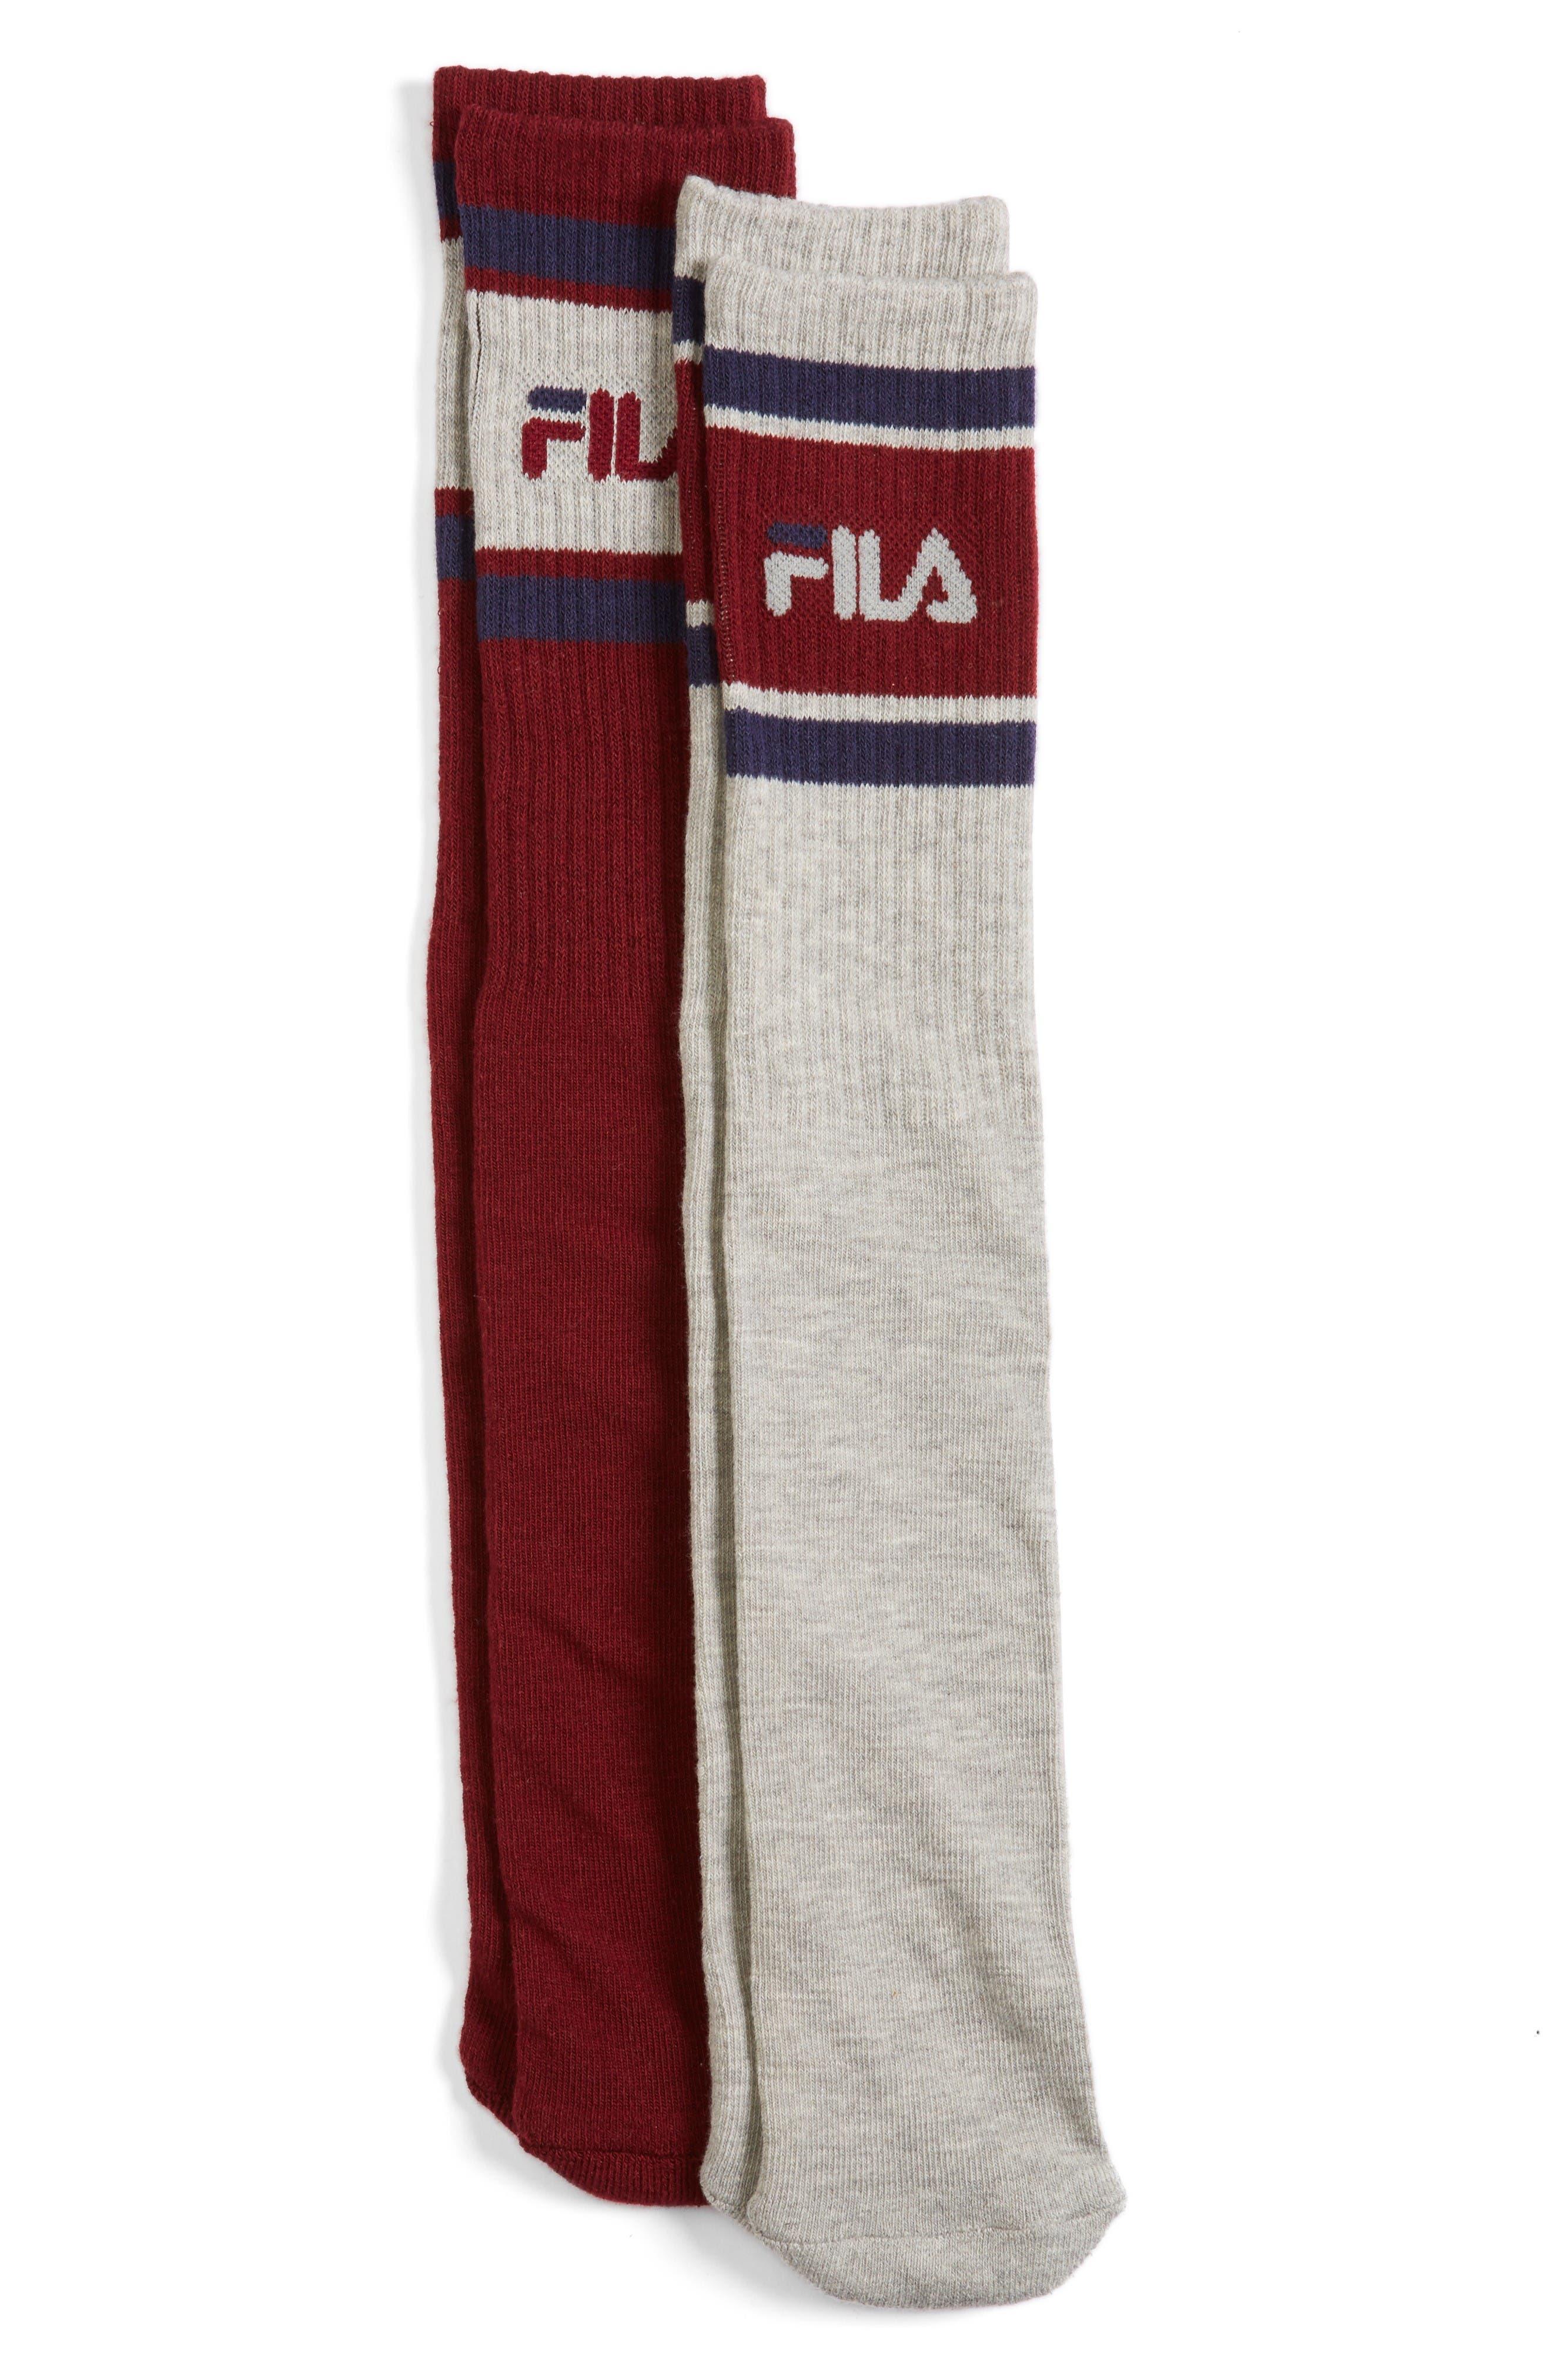 FILA 2-Pack Tube Socks